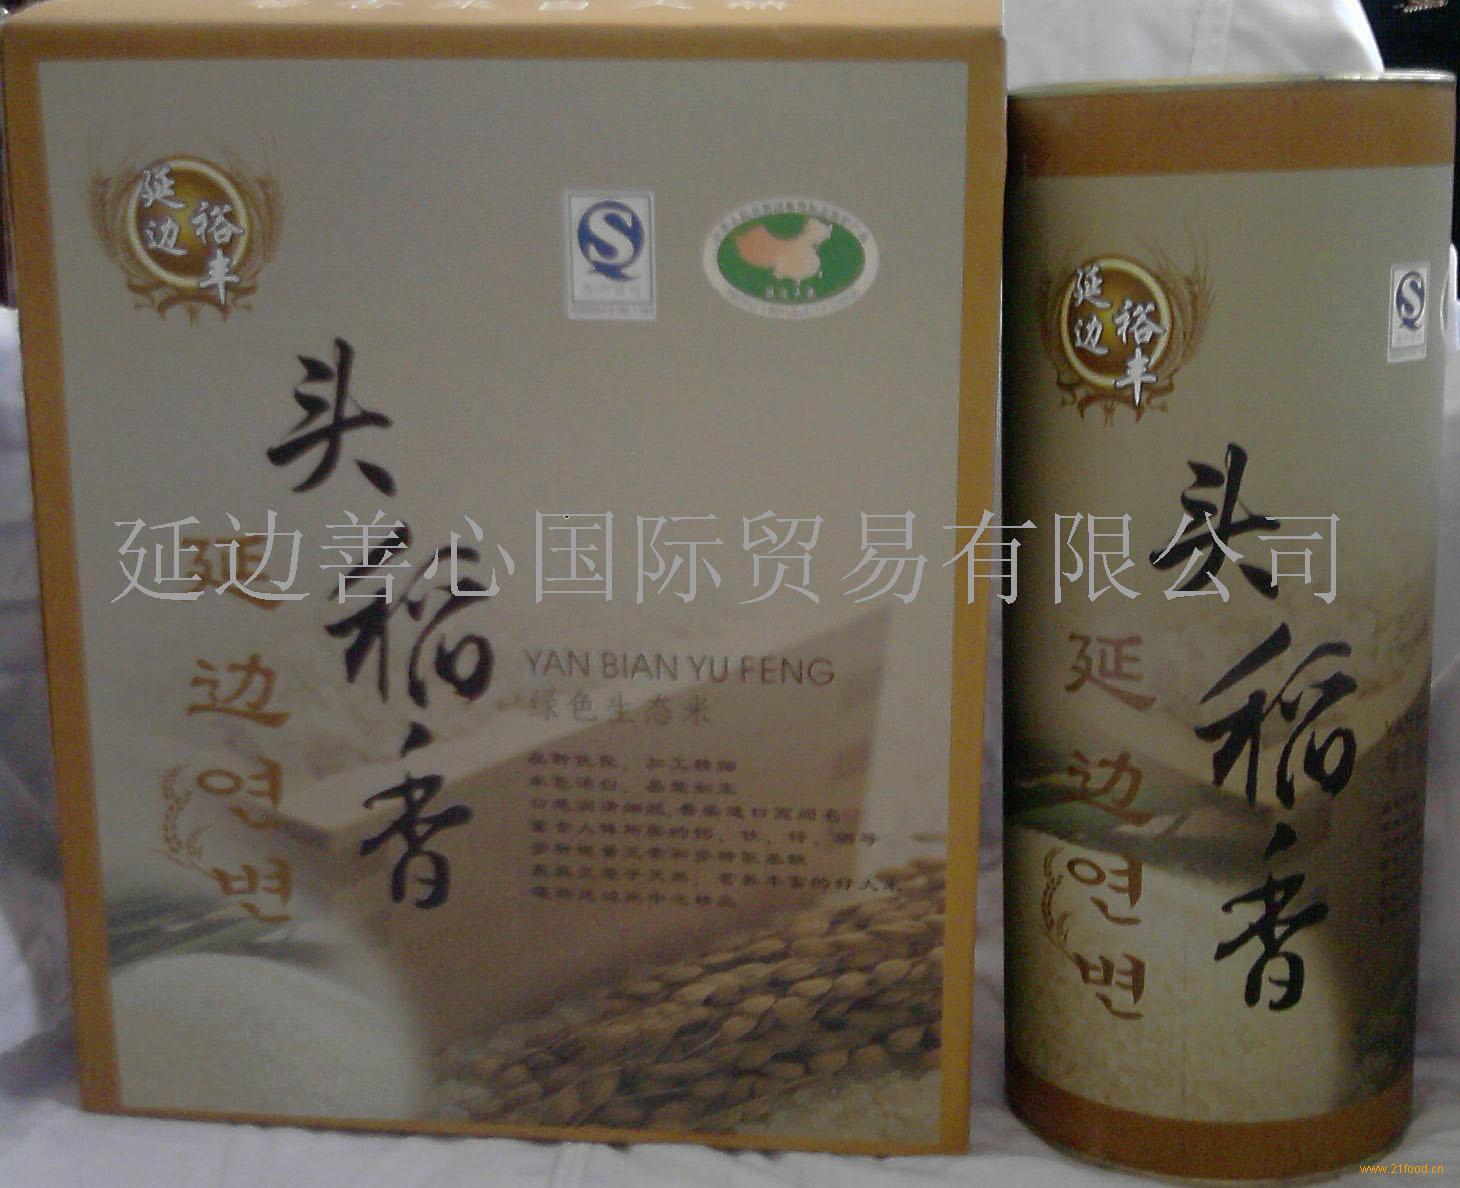 头稻香大米-中国 吉林延边朝鲜族自治州